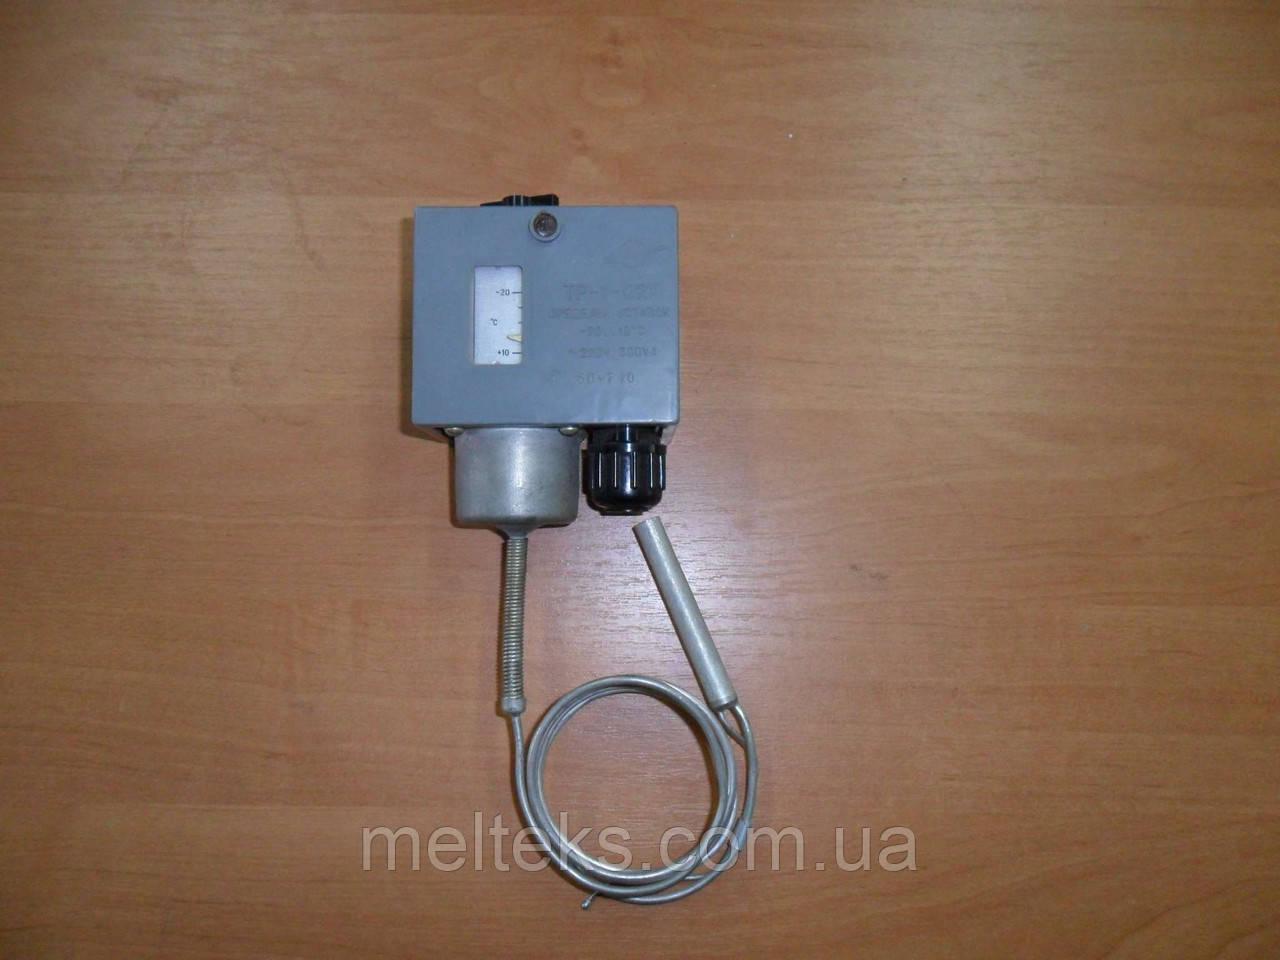 Терморегулятор ТР-1-02Х - 2020 г.в.